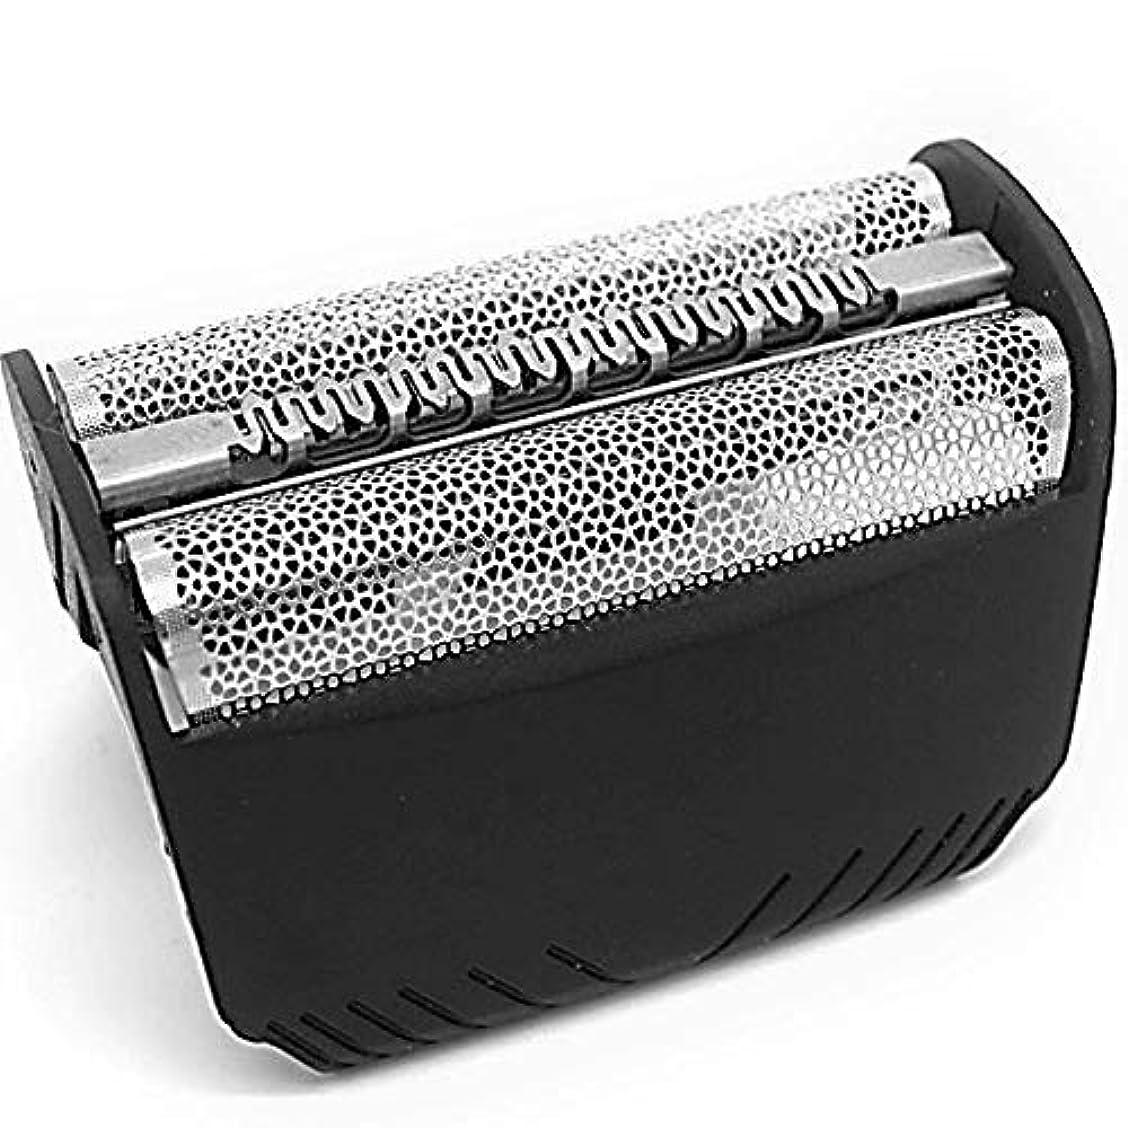 アシスタントアドバイス商品ブラウン BRAUN シェーバー替刃 F/C30B 網刃 シリーズ1 スマートコントロール 互換品 mmokku